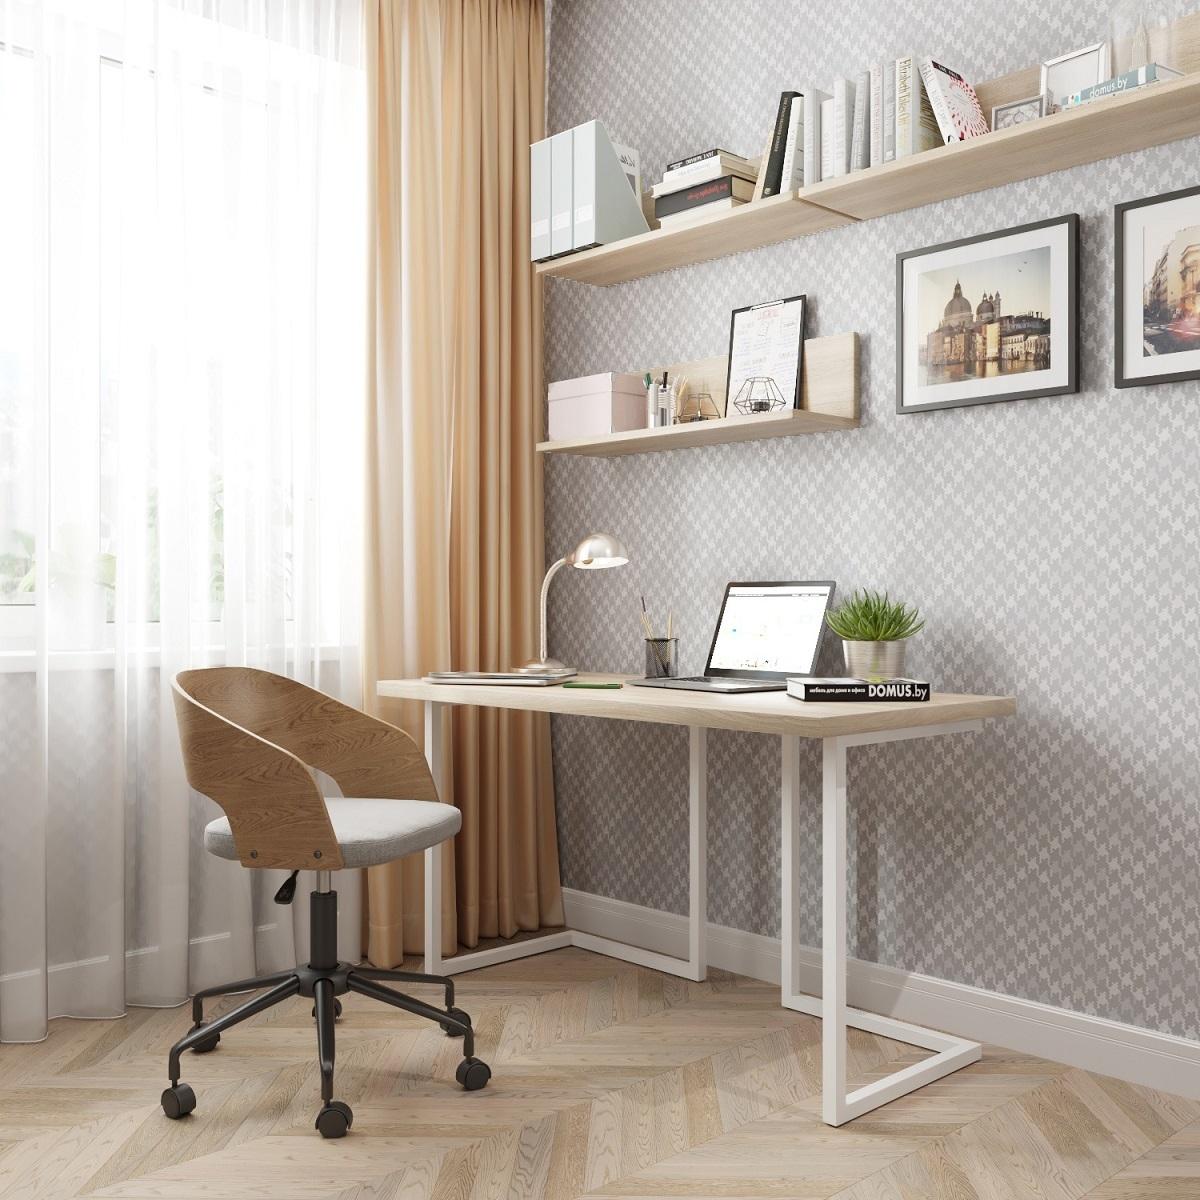 Письменный стол ДОМУС Урбан-1 вяз светлый/металл белый